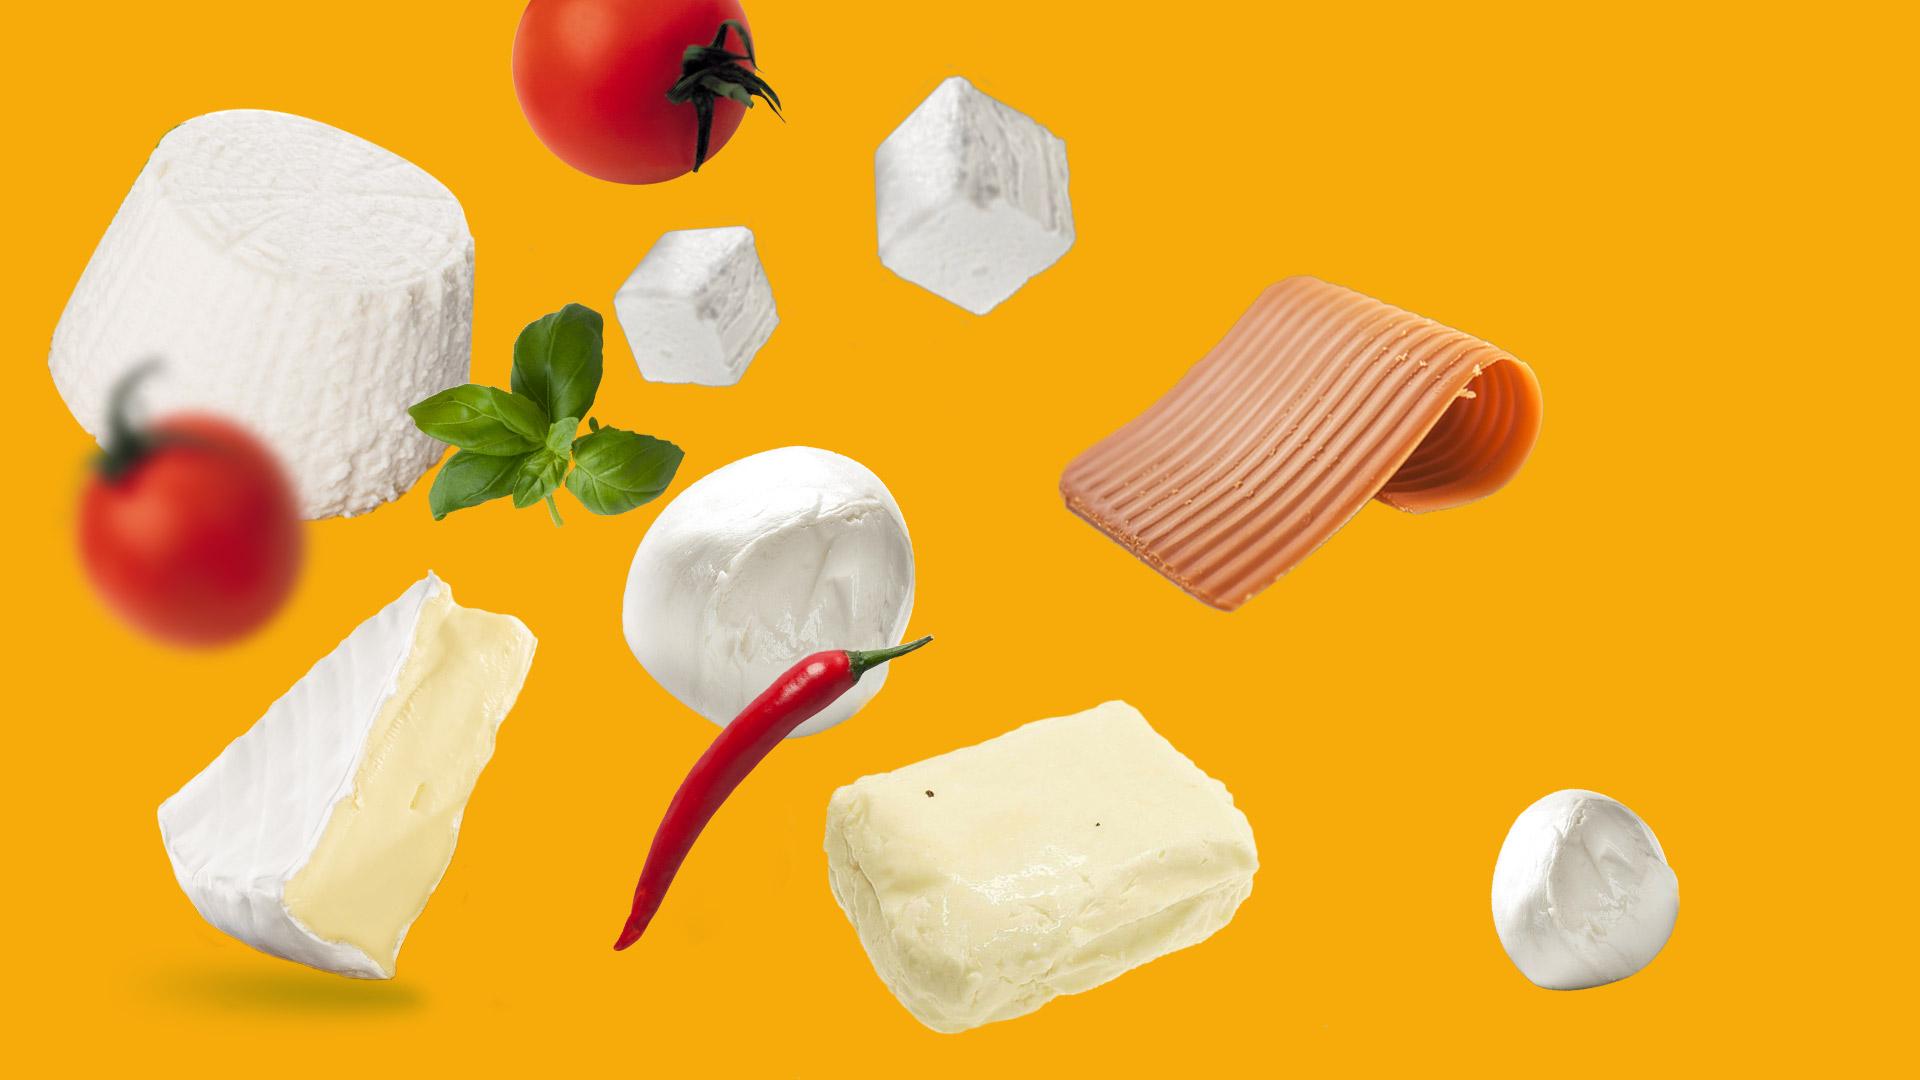 Ирина Крайнова, основатель сыроварни «Fromagelle»: Делать нужно то, что любишь